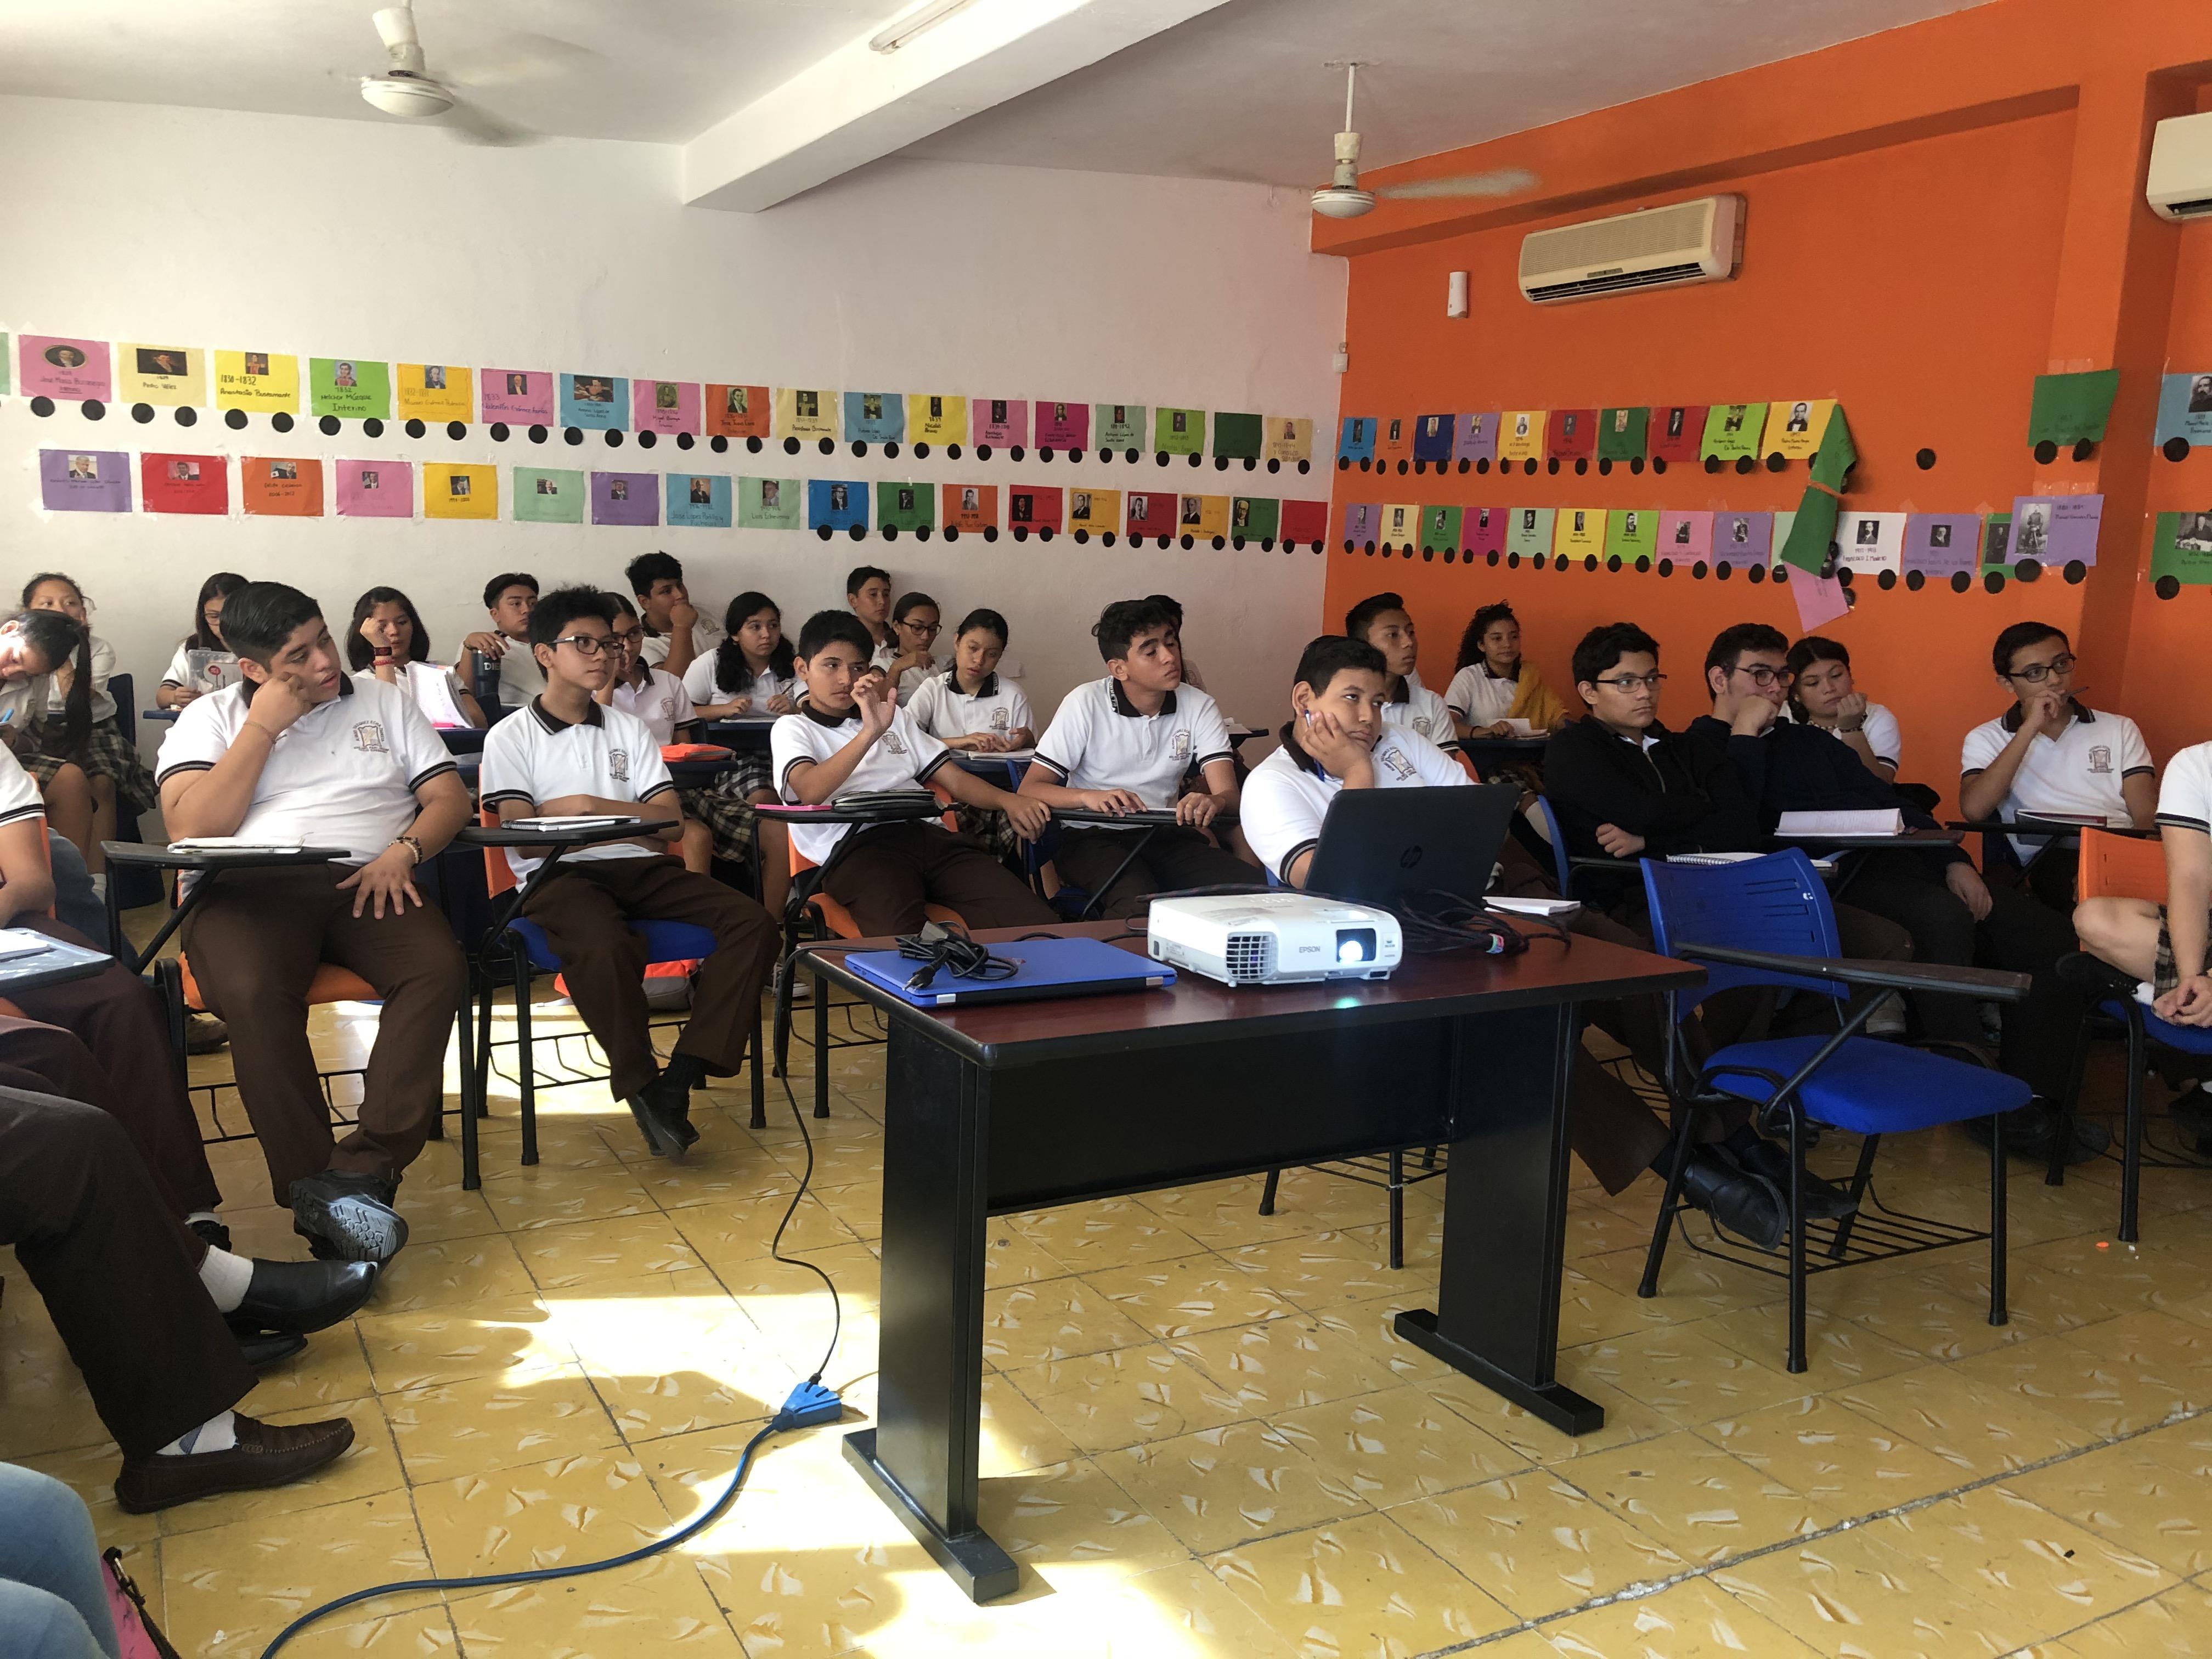 Programa Riesgos informáticos en la escuela secundaria Álvaro Vázquez Echazarreta de Mérida